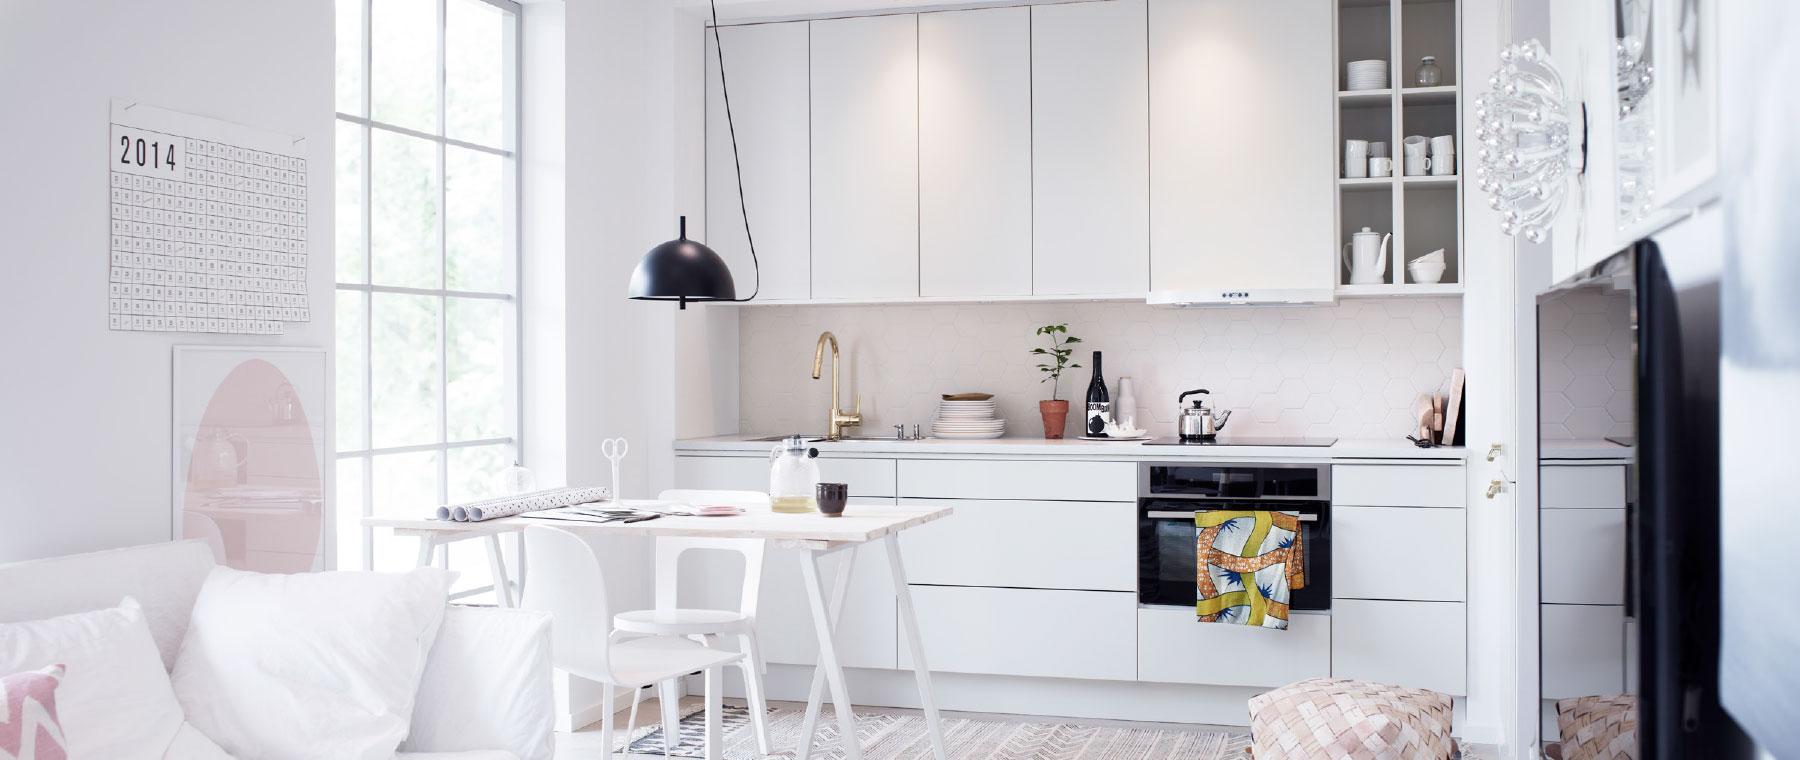 Maja antikvit - Nytt kök badrum och tvättstuga - Vedum kök och bad ...